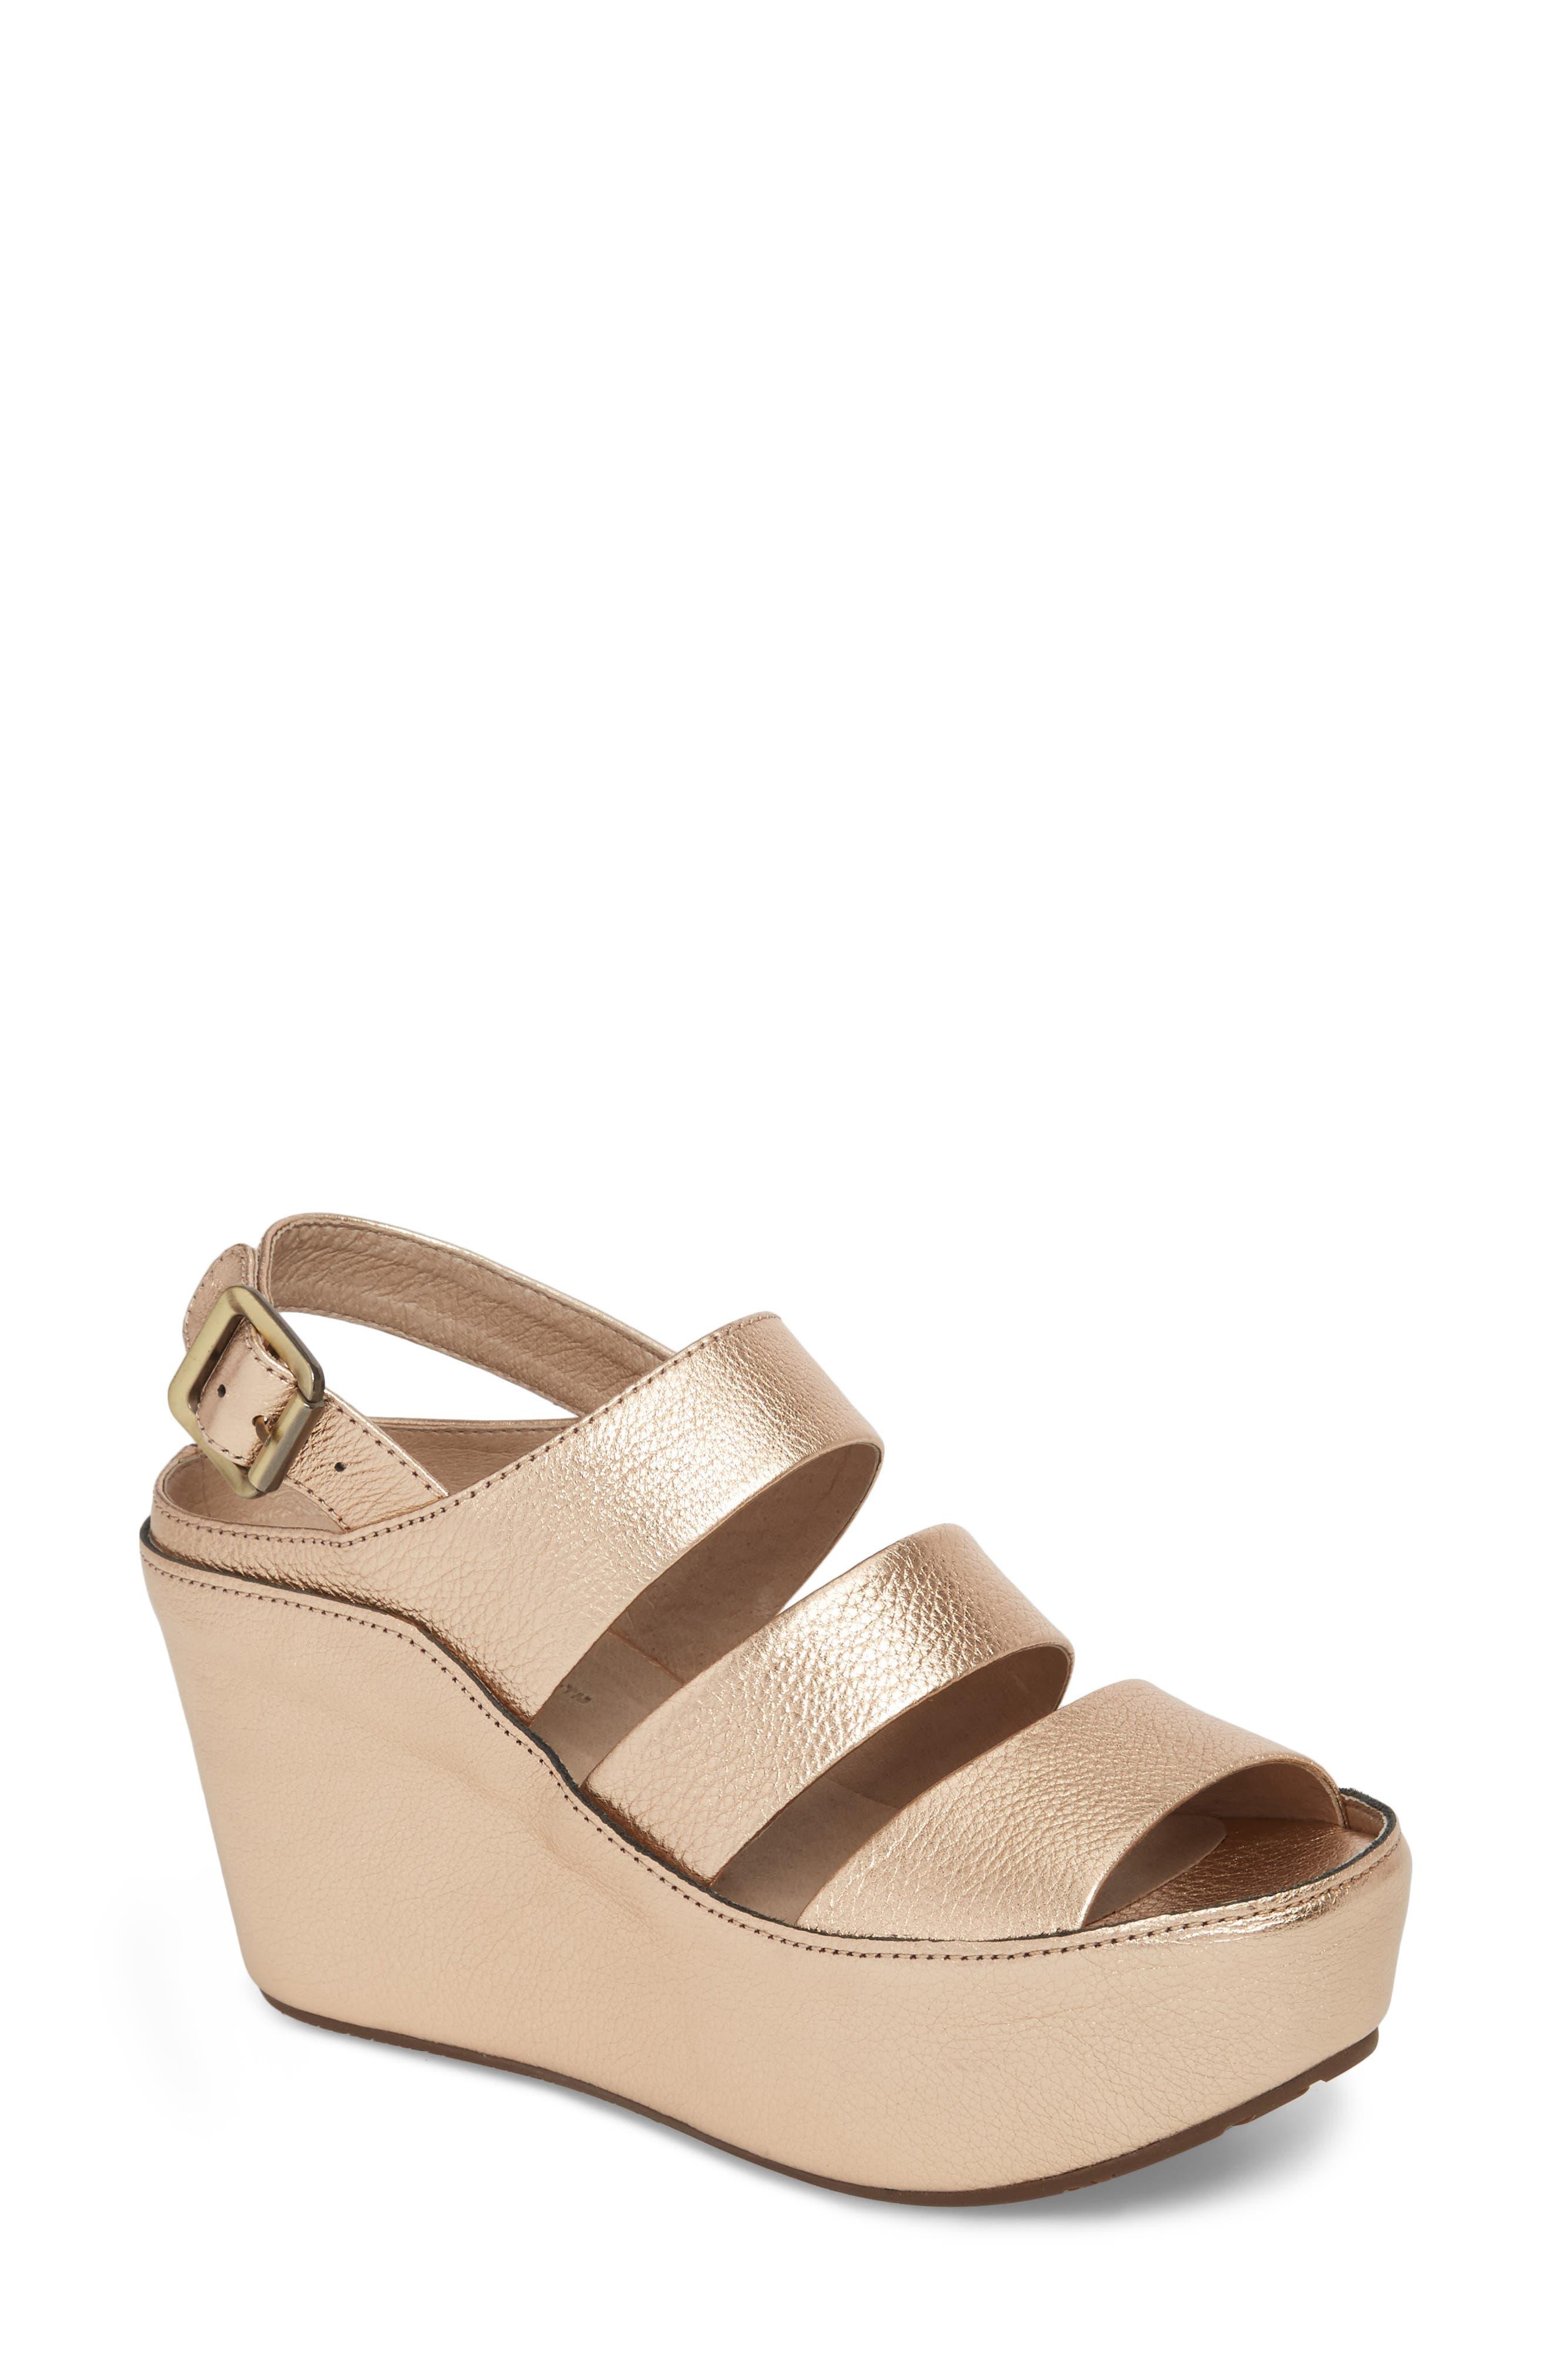 Windsor Platform Wedge Sandal,                             Main thumbnail 1, color,                             Rose Gold Leather